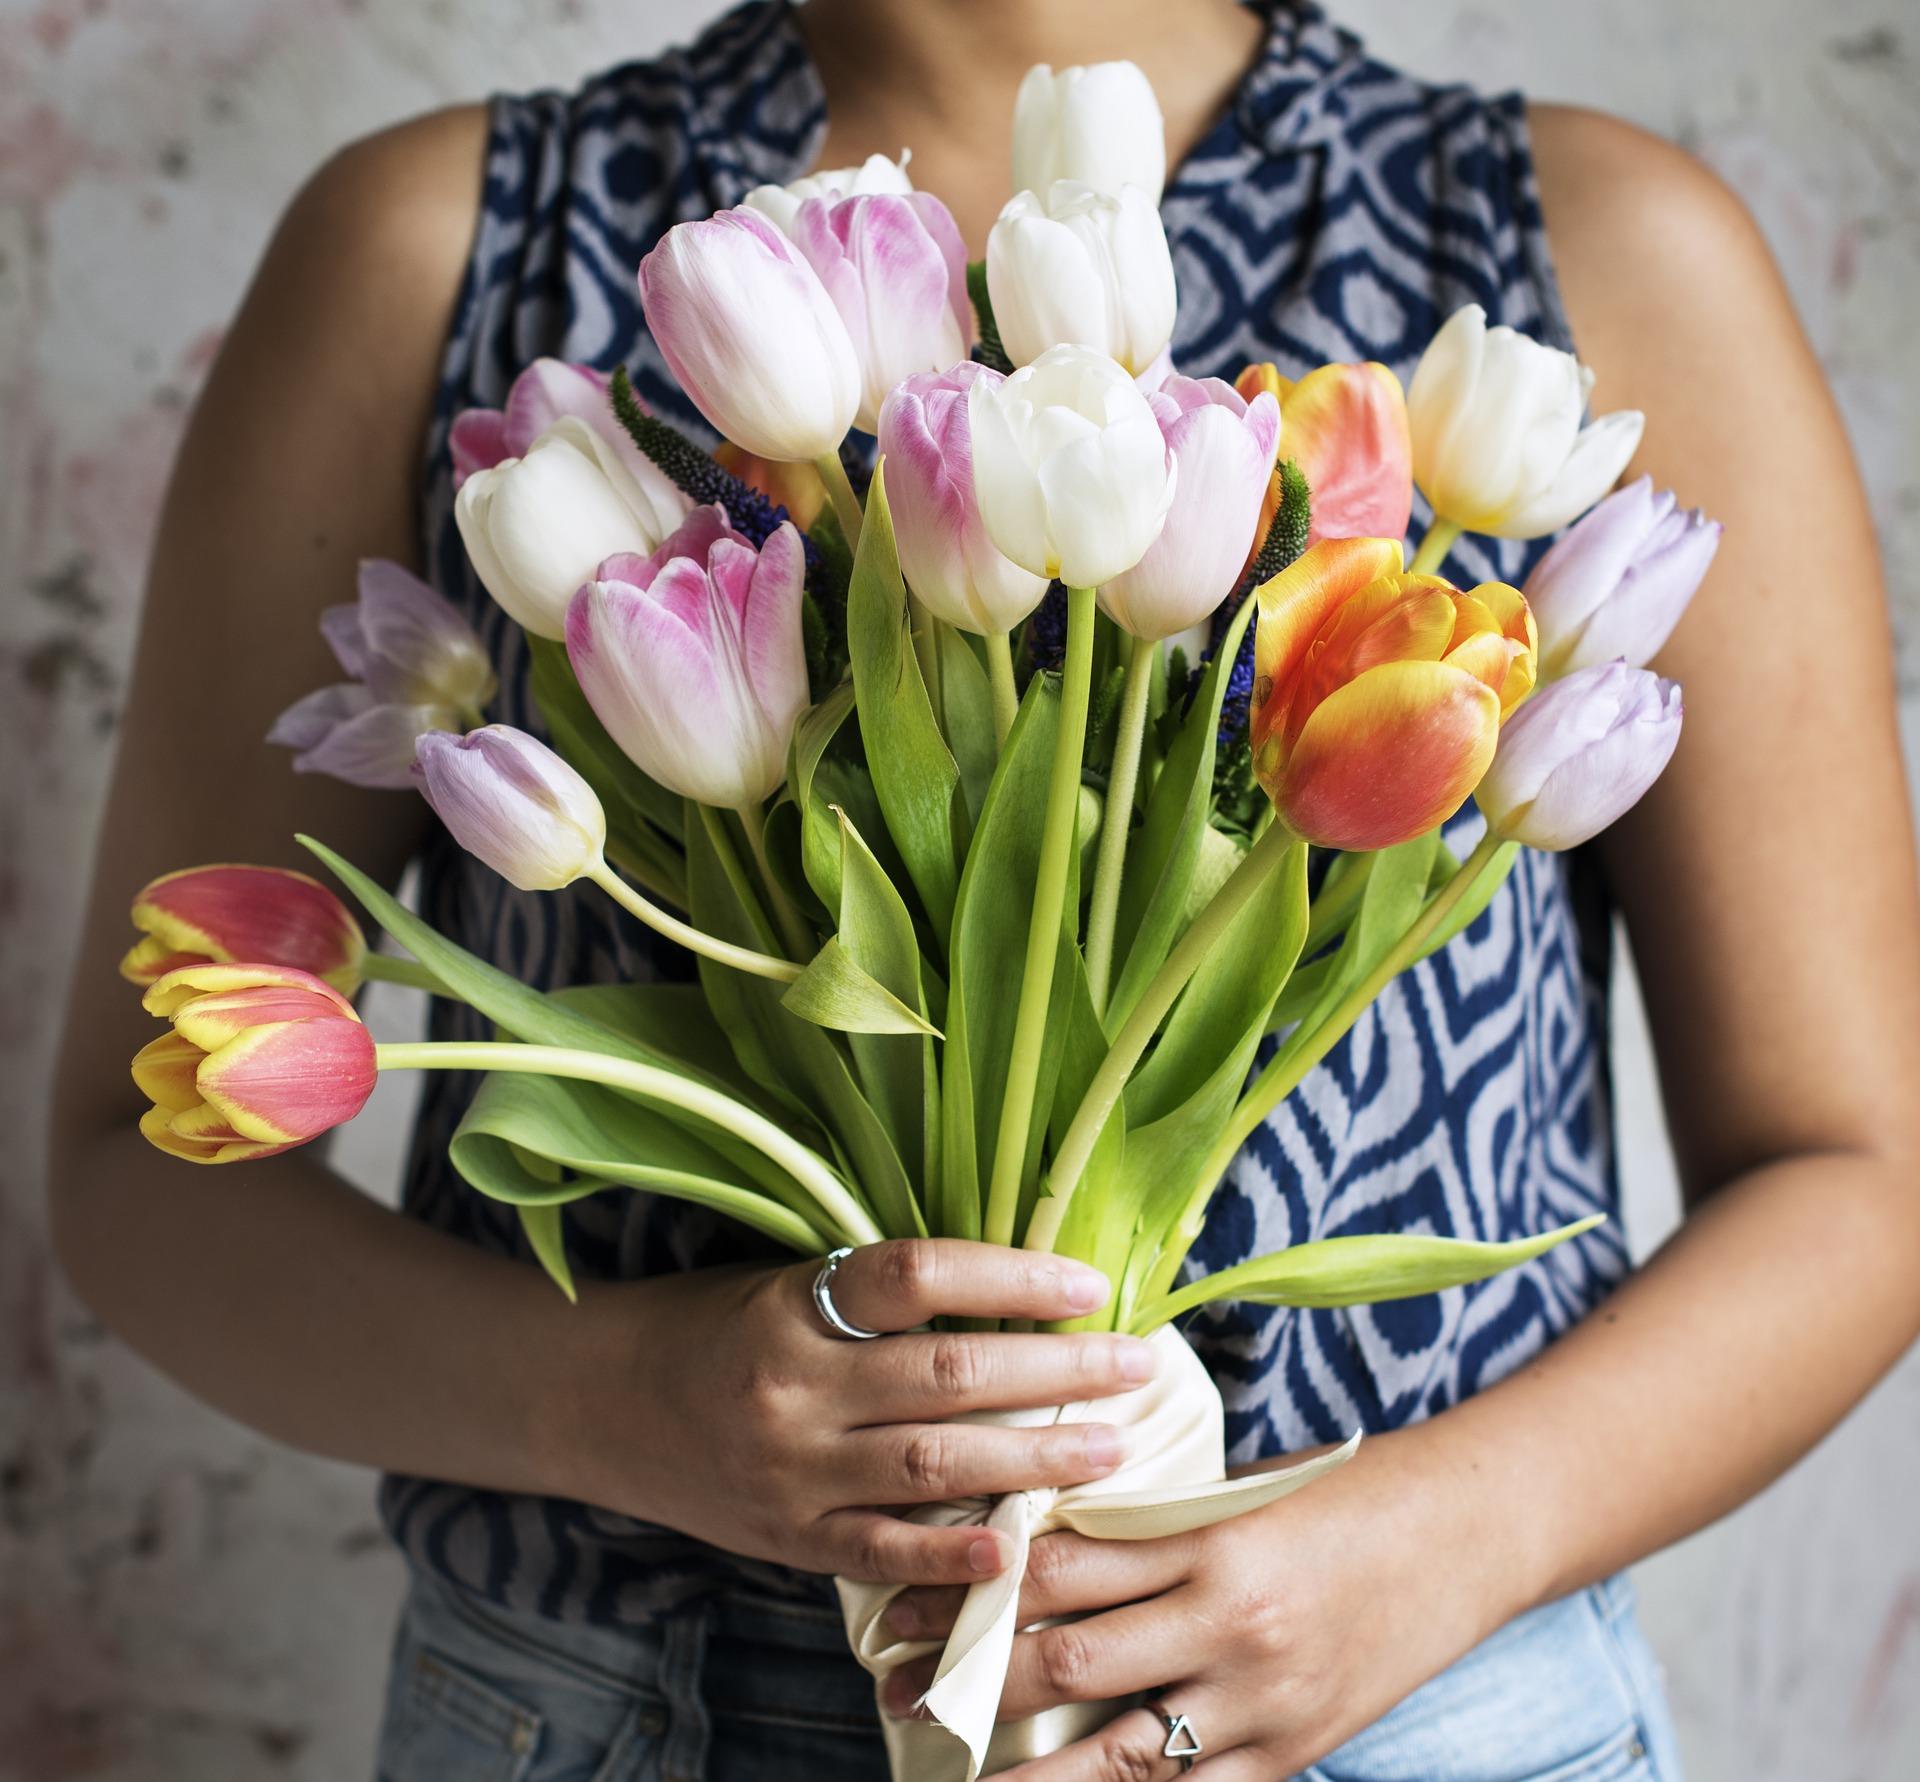 การดูแลดอกไม้